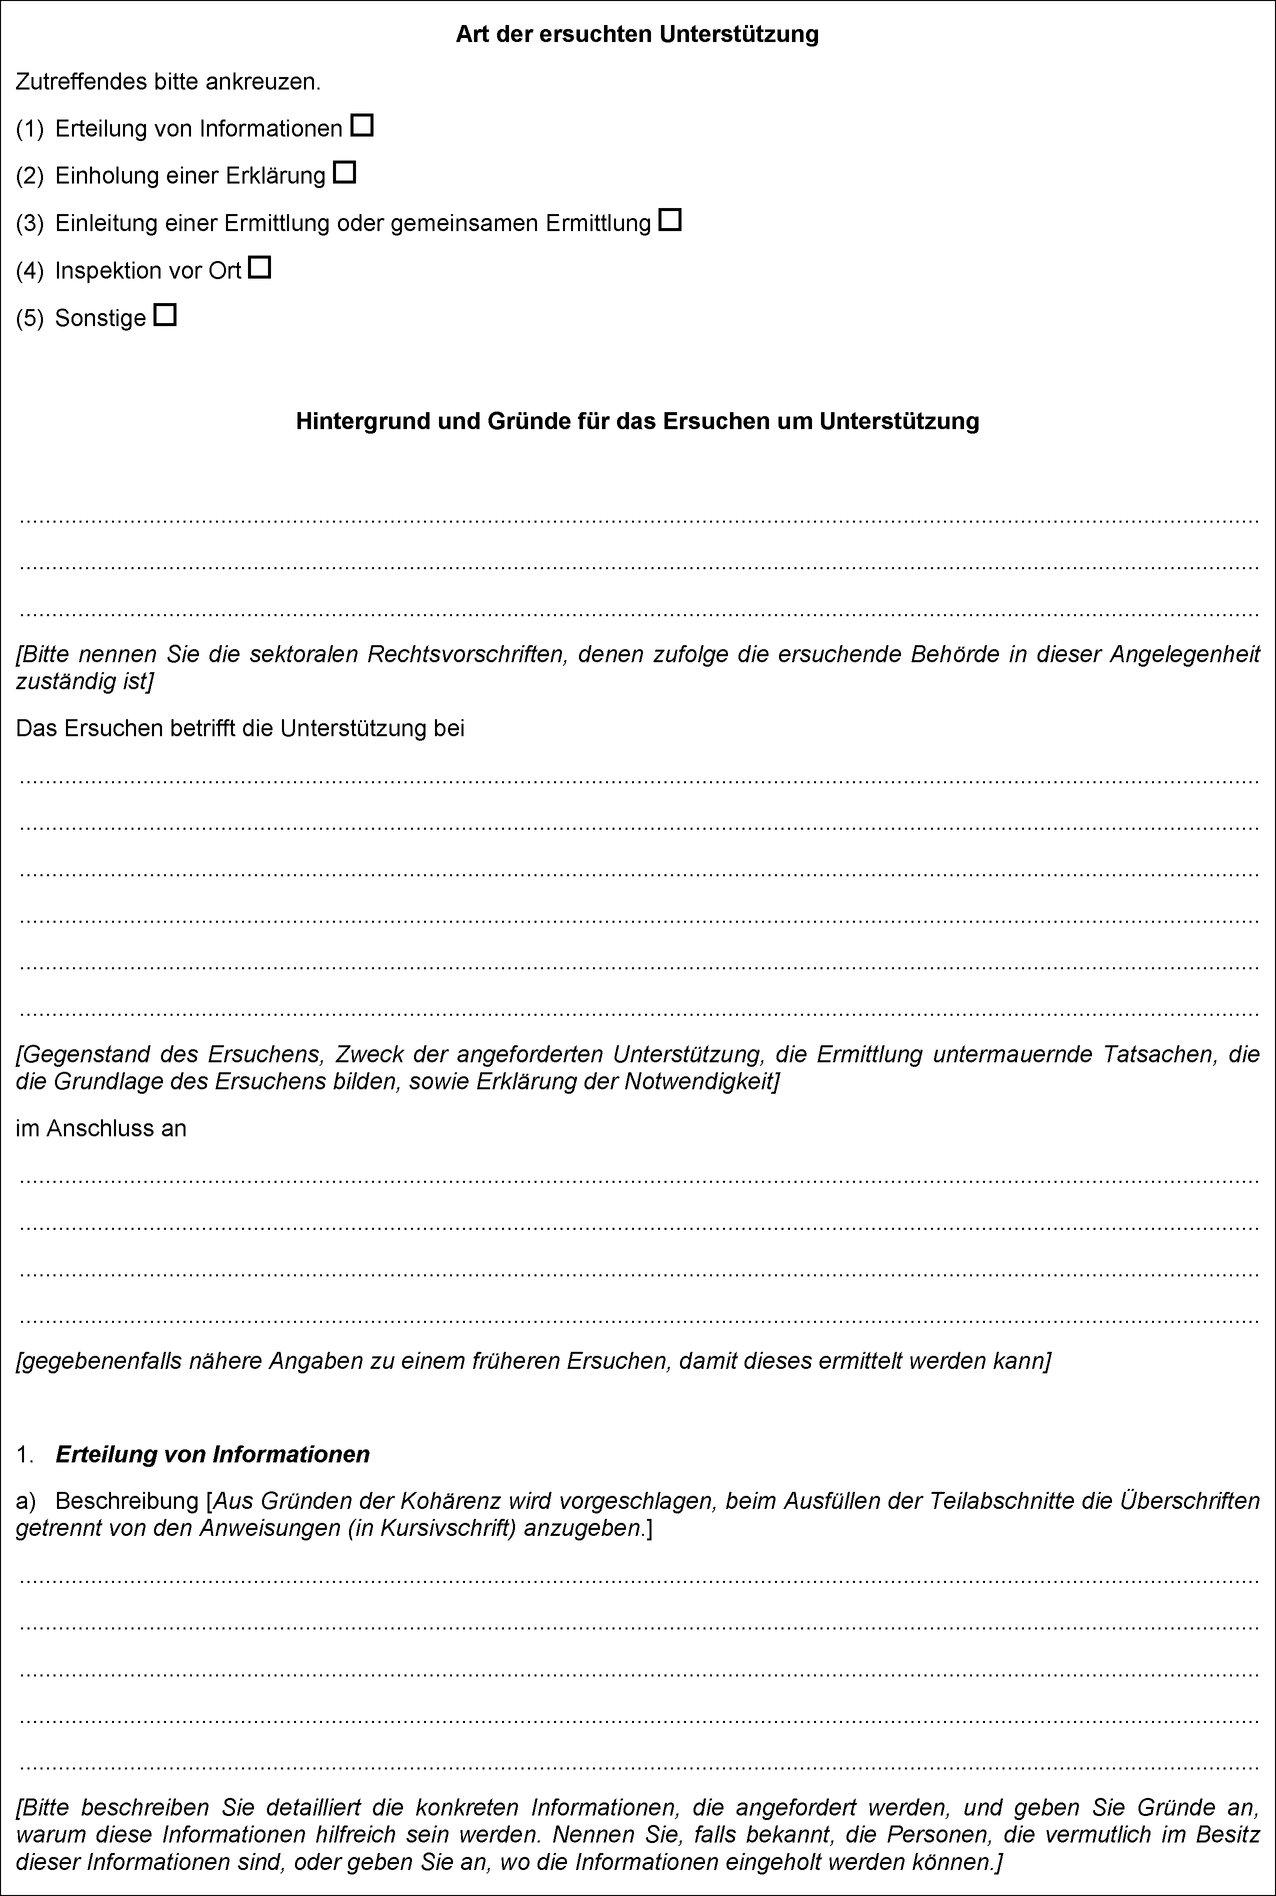 EUR-Lex - L:2017:149:FULL - EN - EUR-Lex